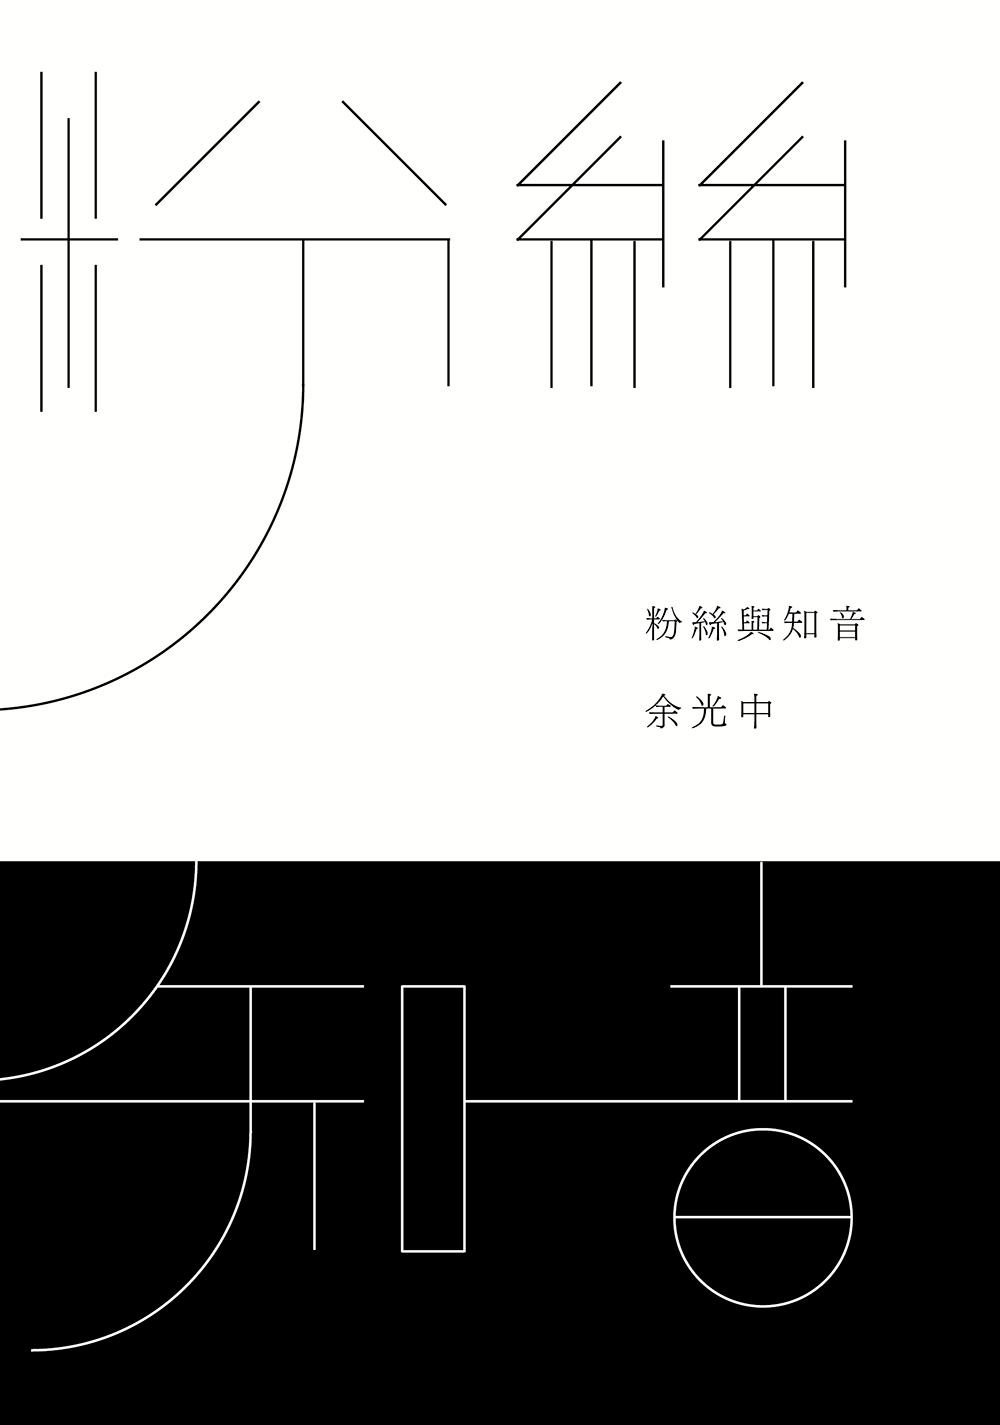 中三語文閱讀理解訓練:余光中《粉絲與知音》|中文筆記|尤莉姐姐的反轉學堂